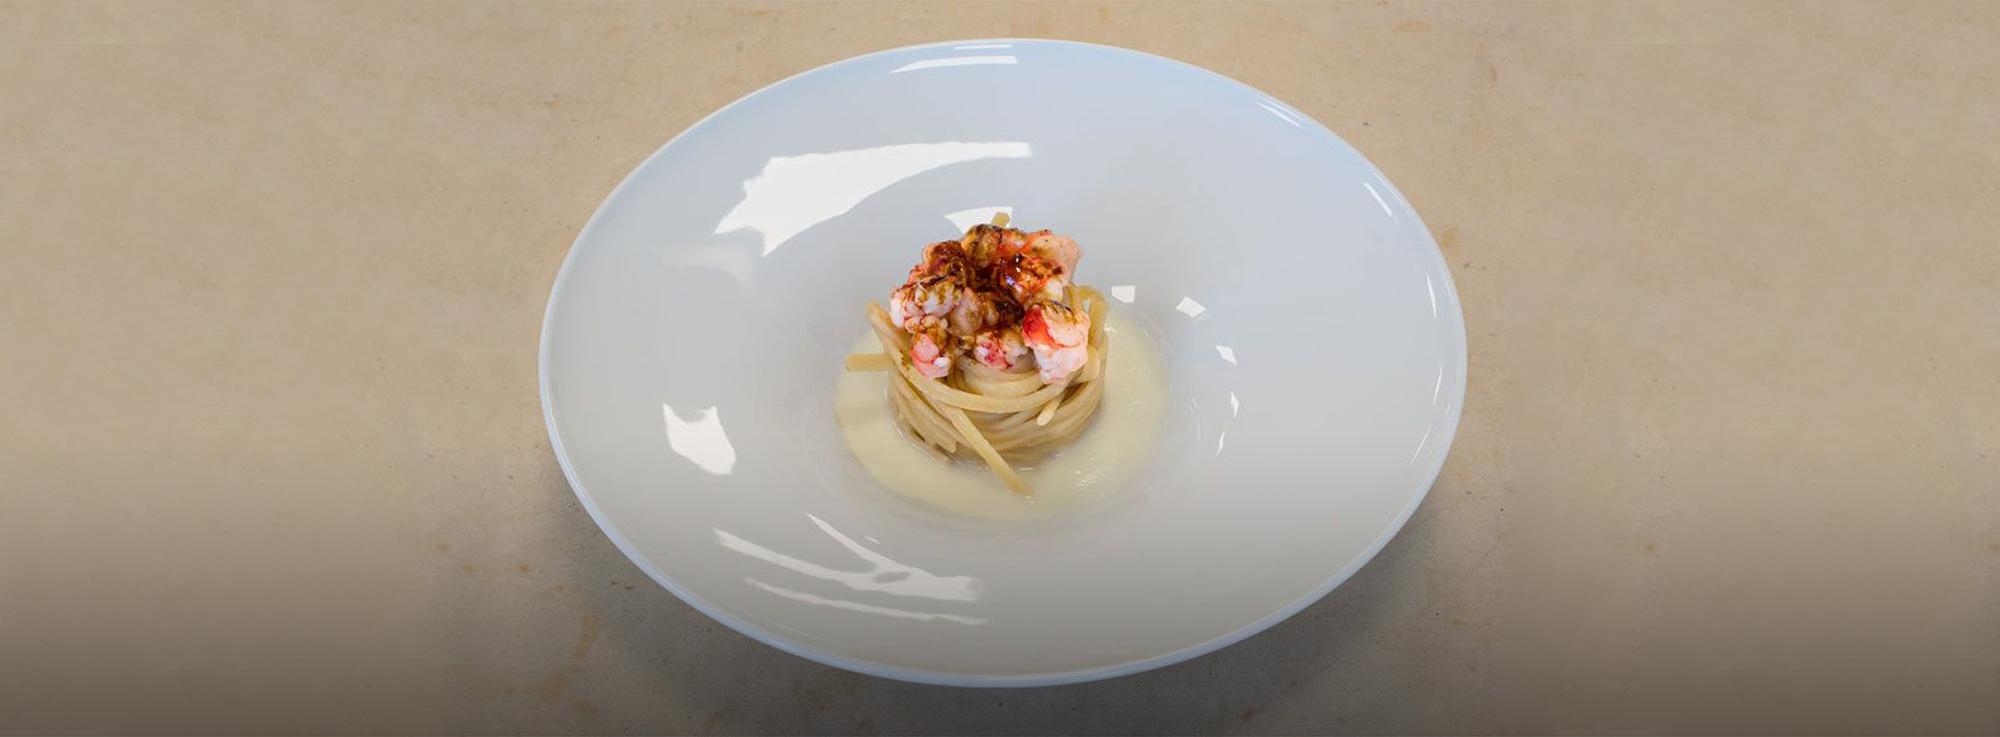 Ricetta: Linguine al gambero rosso di Gallipoli, aglio di Altamura e liquirizia